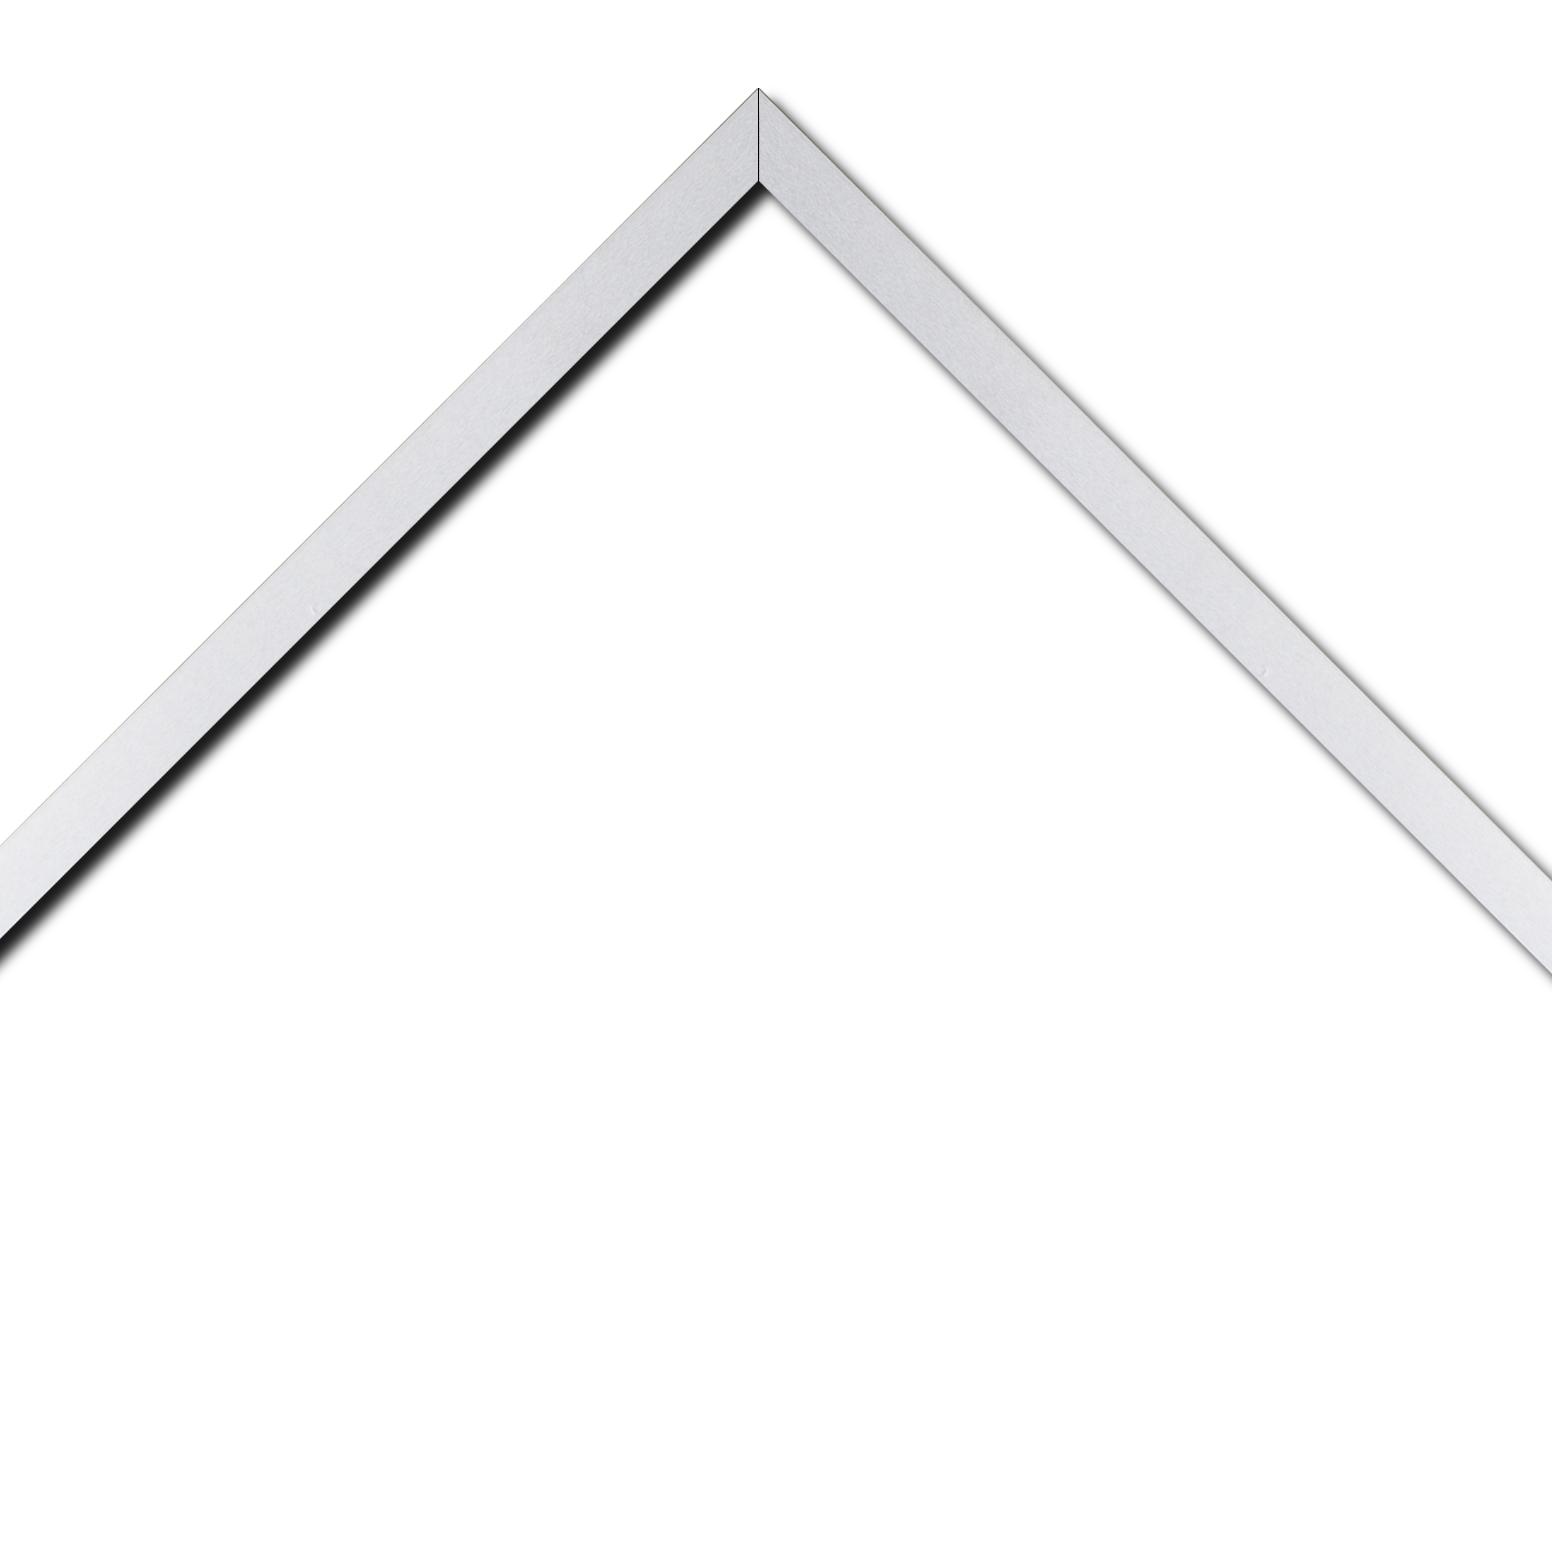 Baguette bois recouvert aluminium profil plat largeur 1.6cm argent poli  bord droit